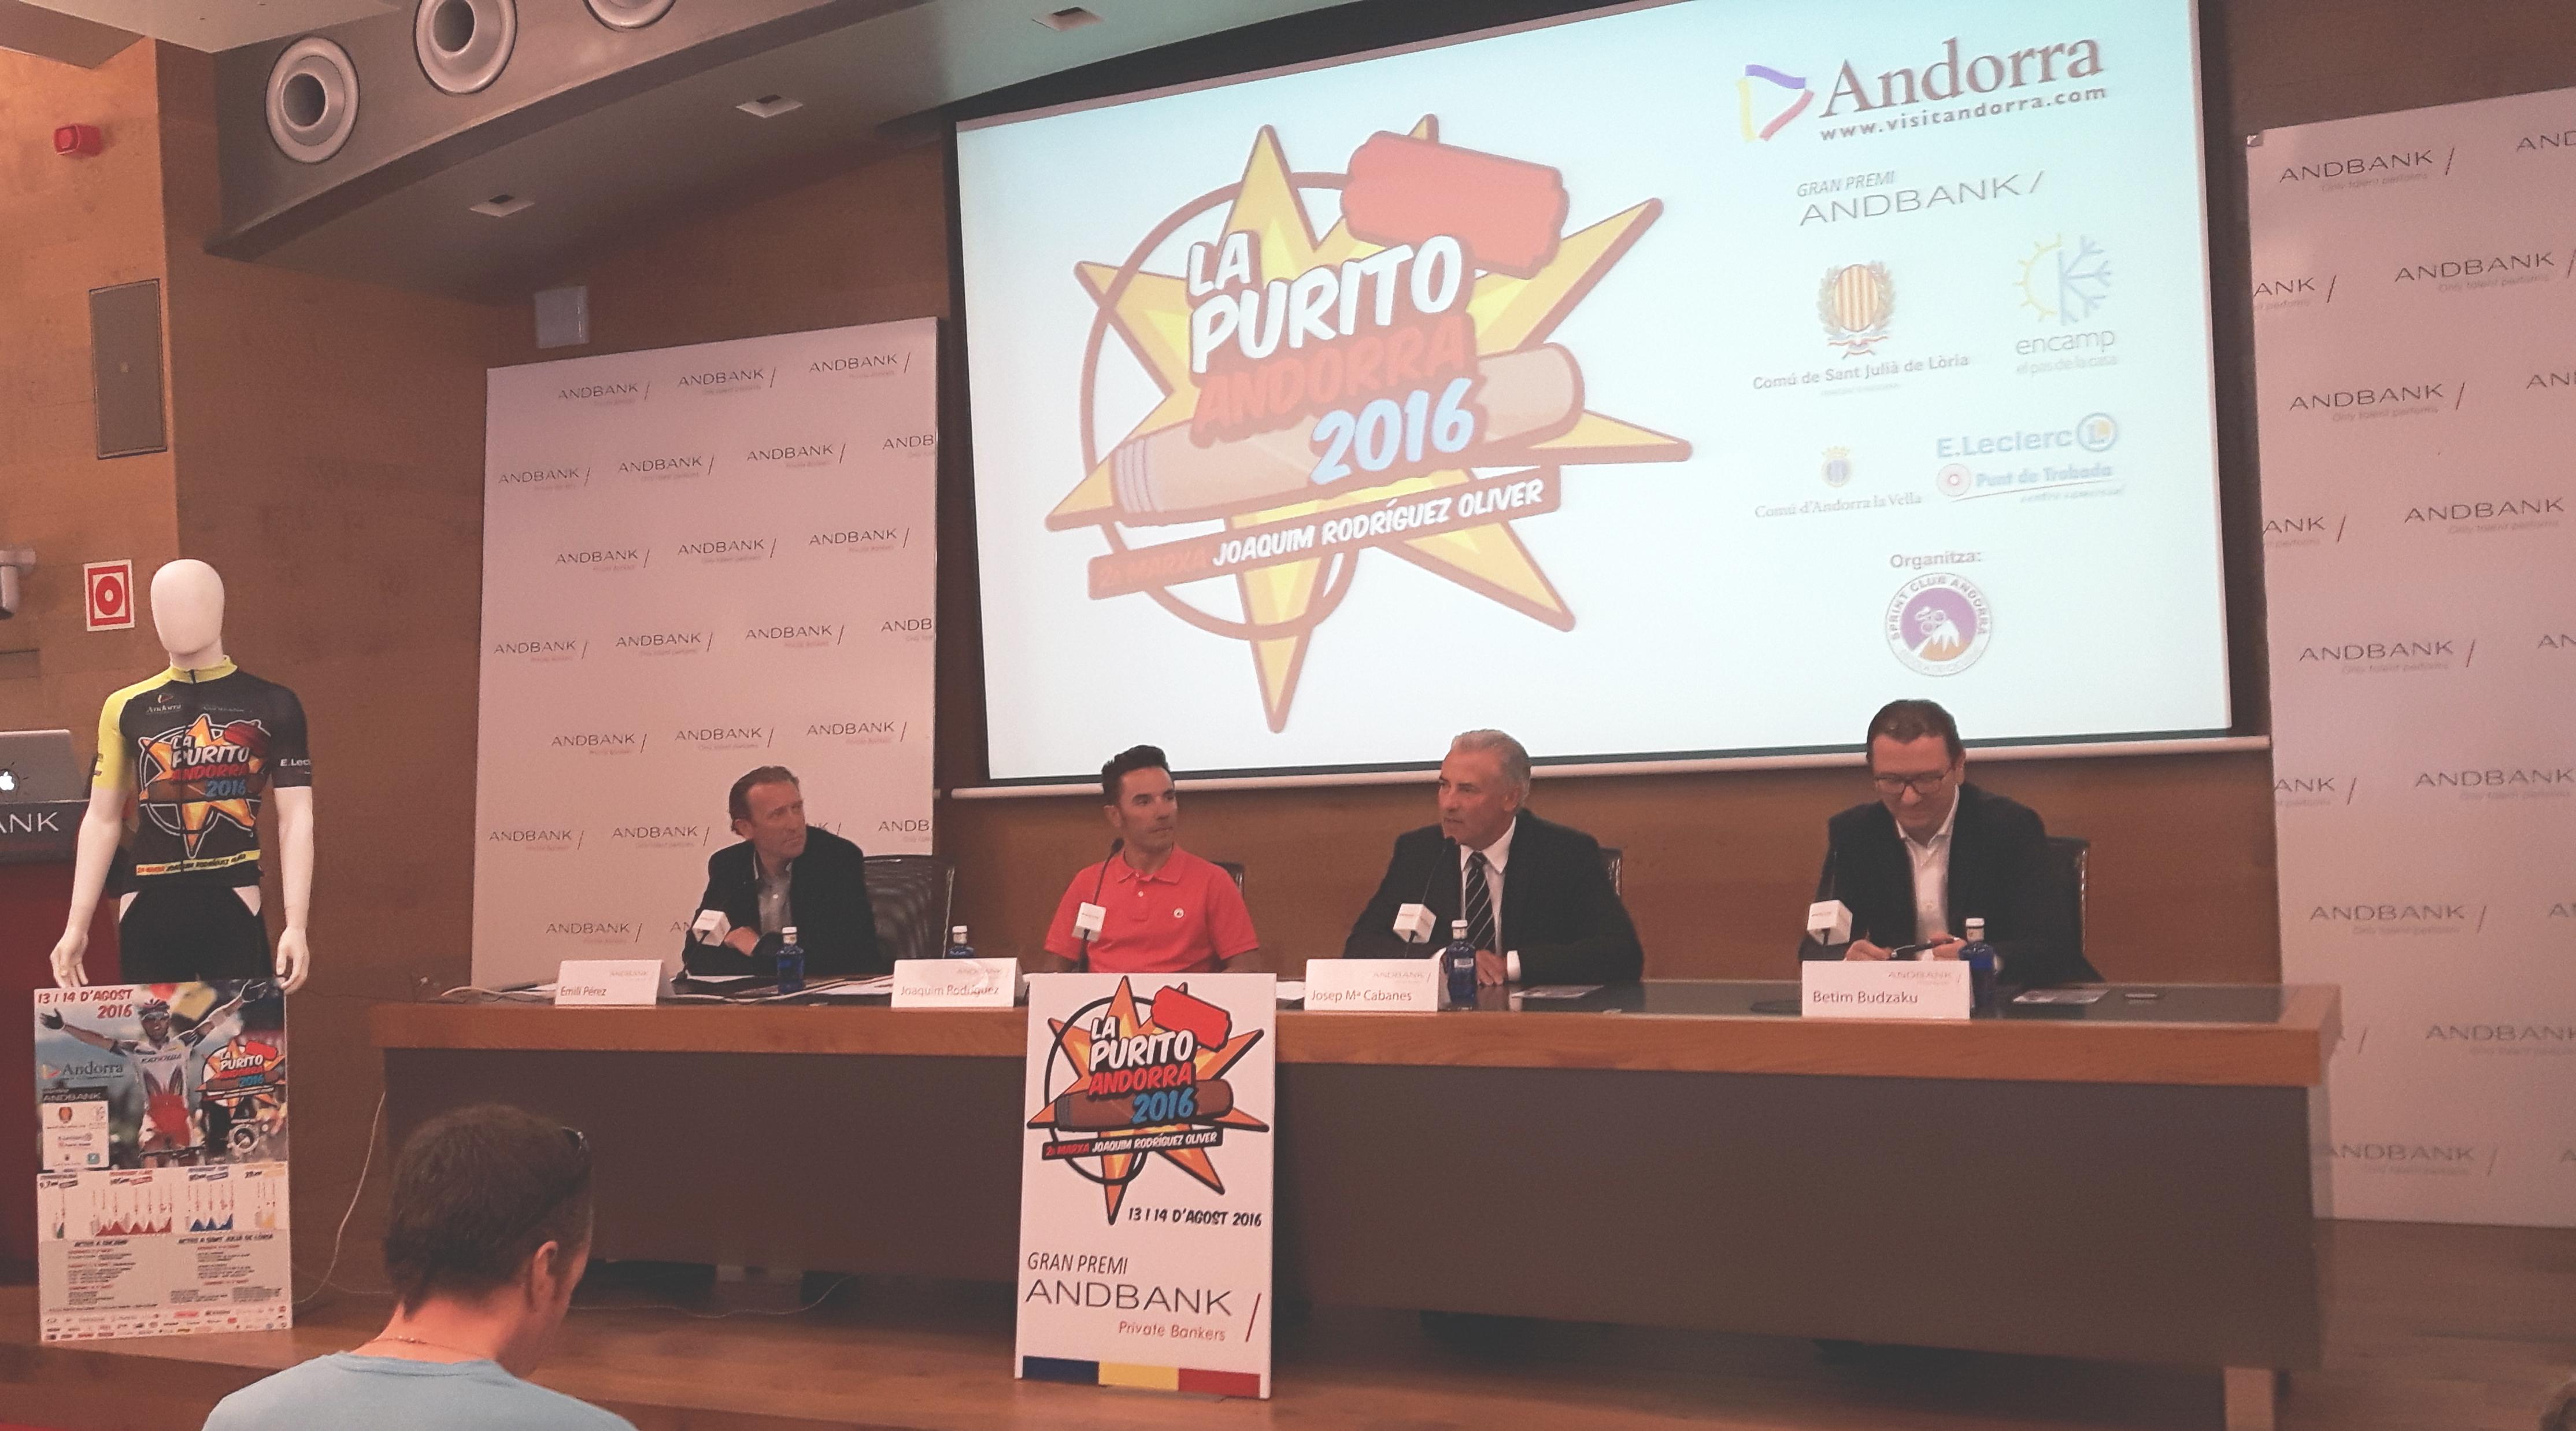 Más de 1.500 participantes ya se han inscrito en la segunda edición de La Purito Andorra